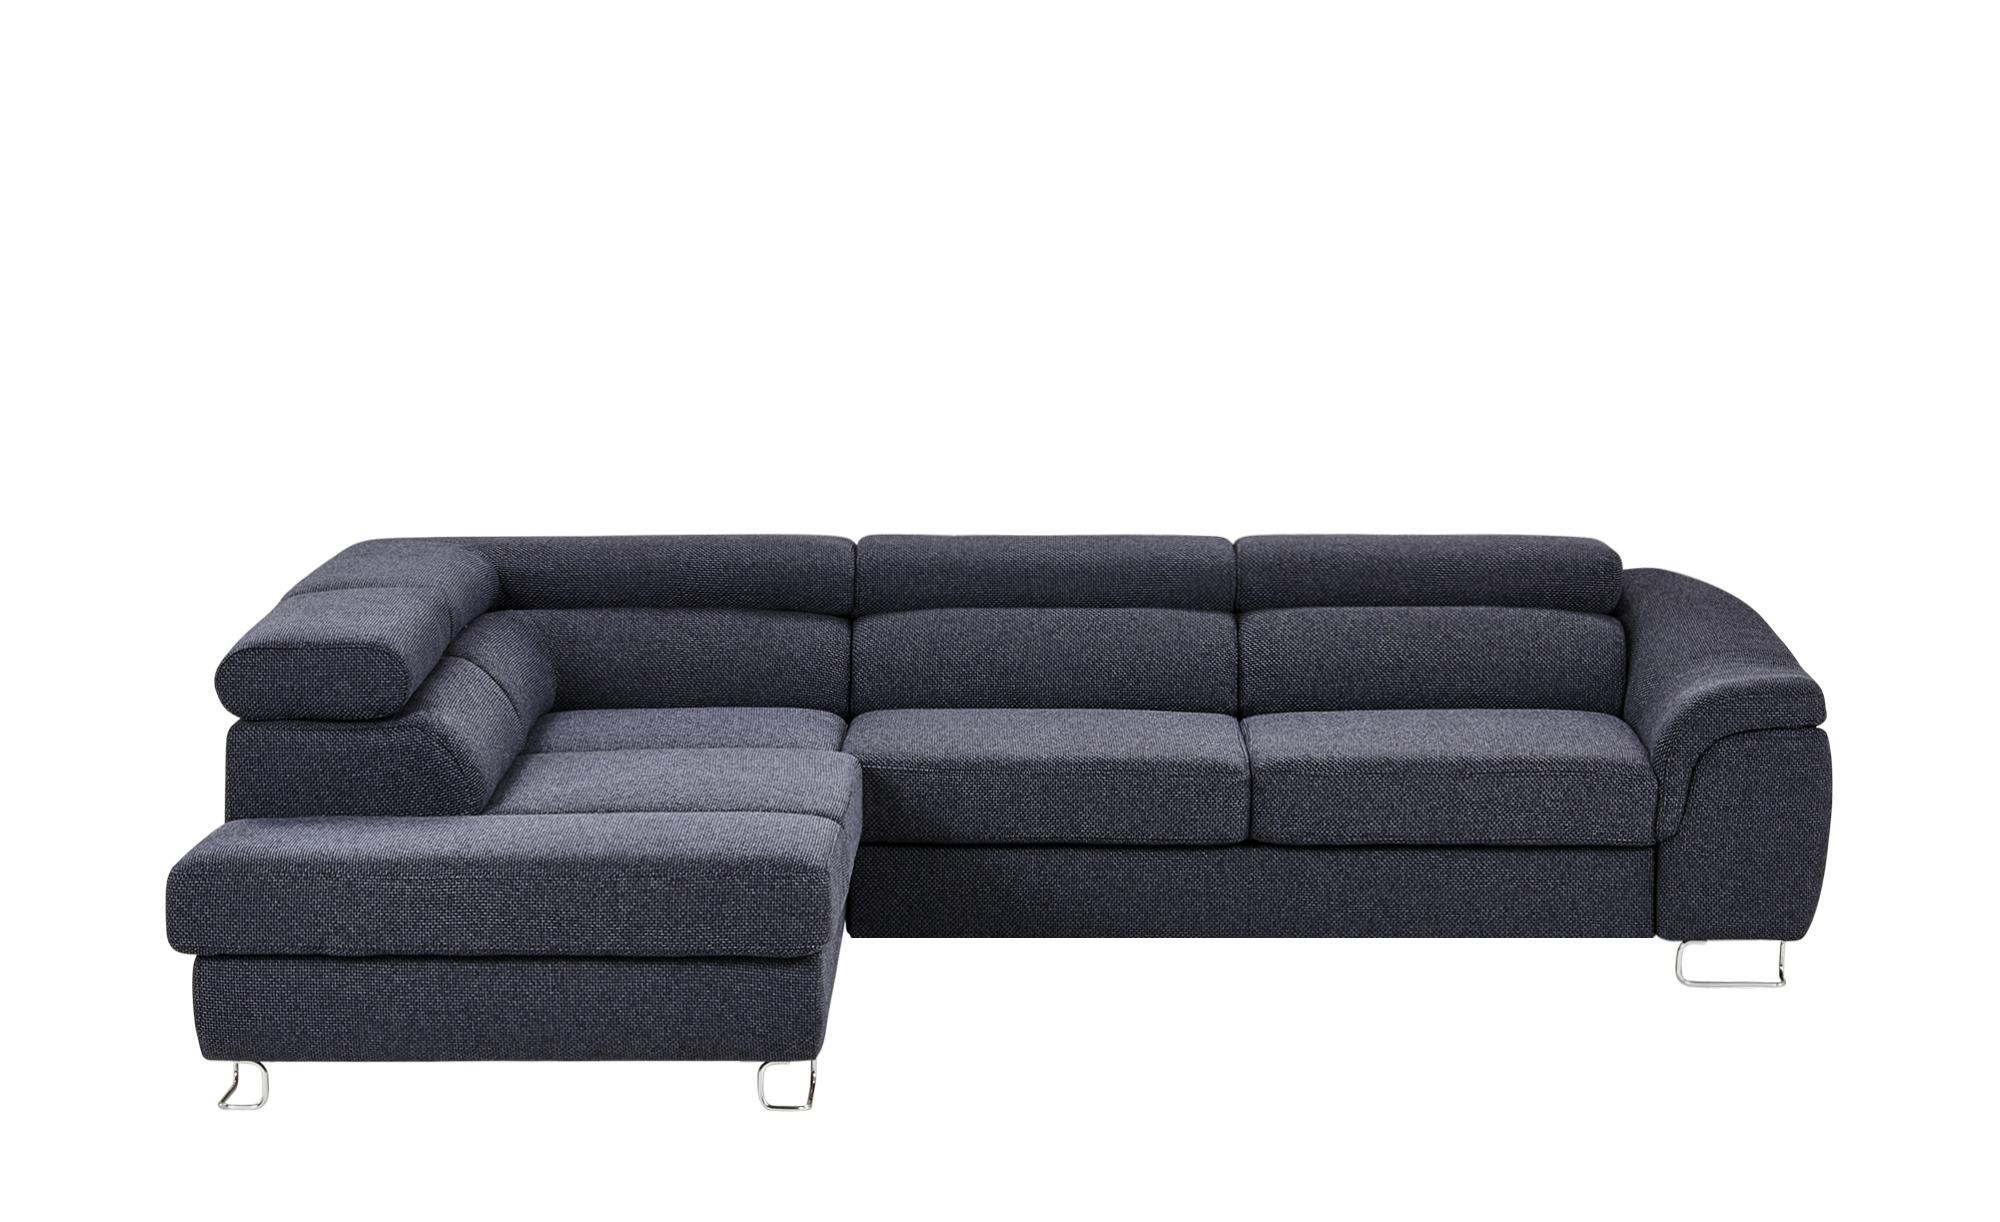 Switch Ecksofa Dunkelblau Webstoff Lavos Blau Masse Cm H 68 Polstermobel Sofas Ecksofas Hoffner Jetzt Bestellen Unter Couch Sectional Couch Sofa